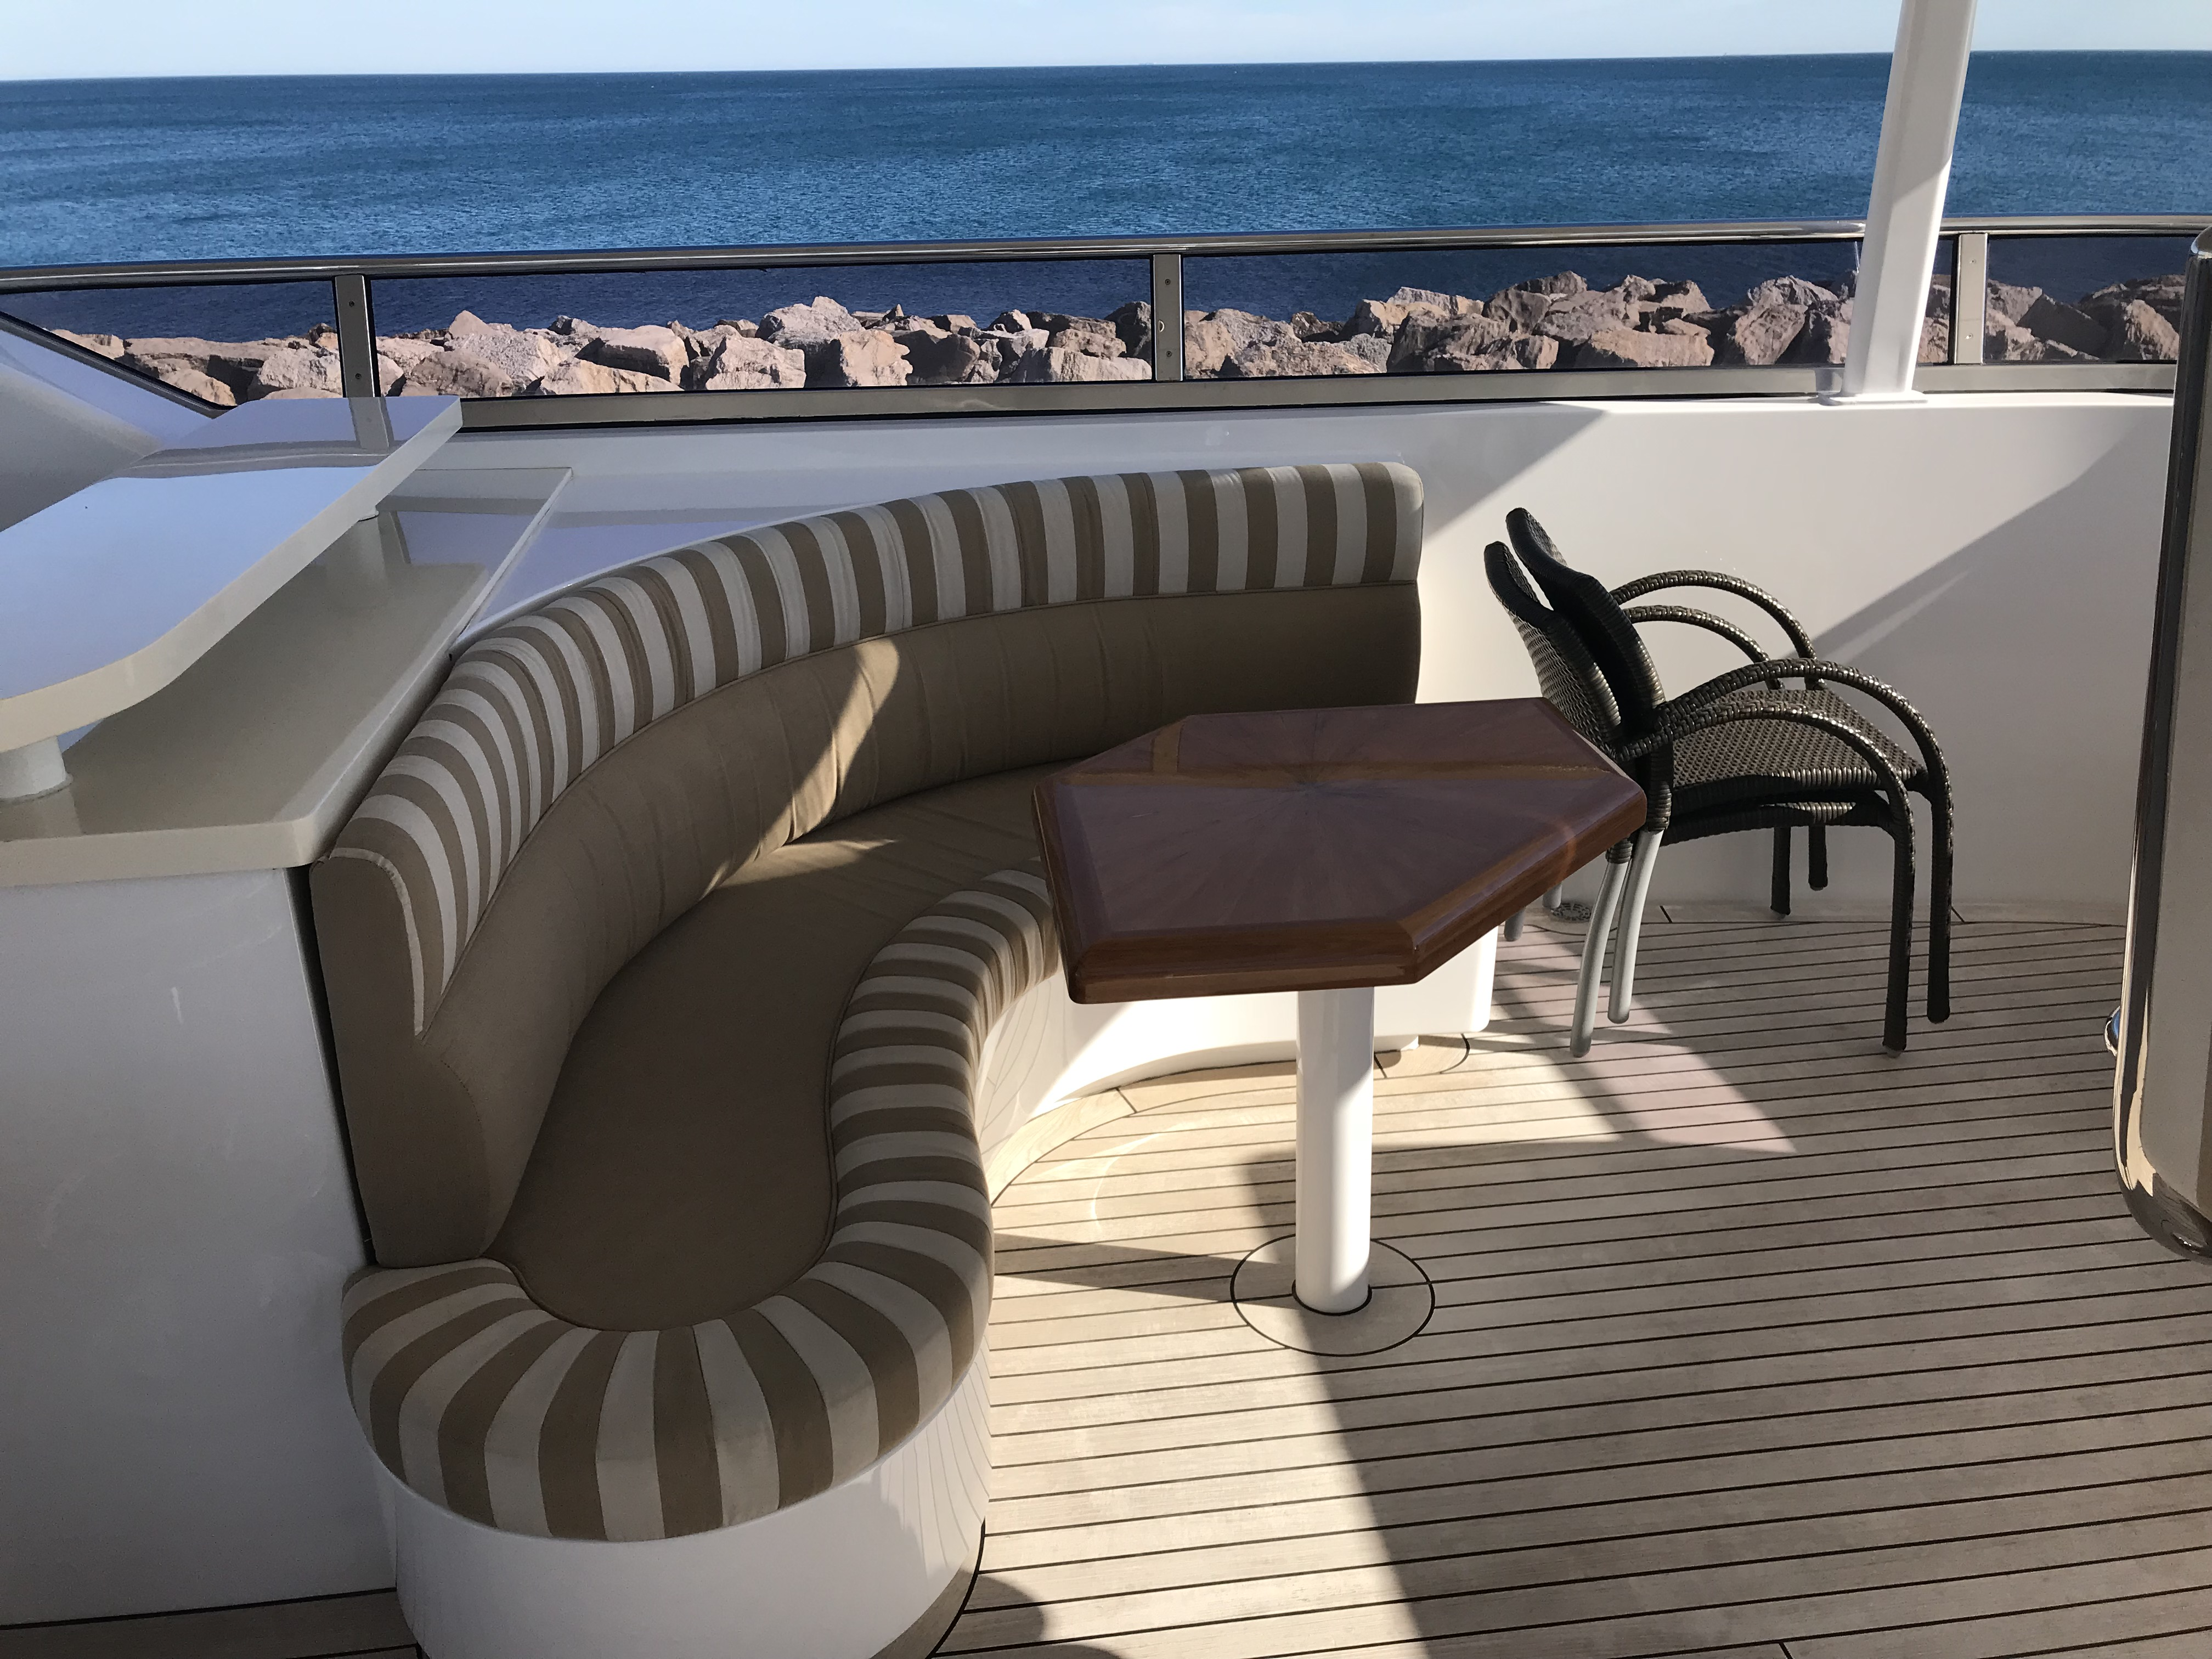 Terrace seating area / Zona de estar en terraza